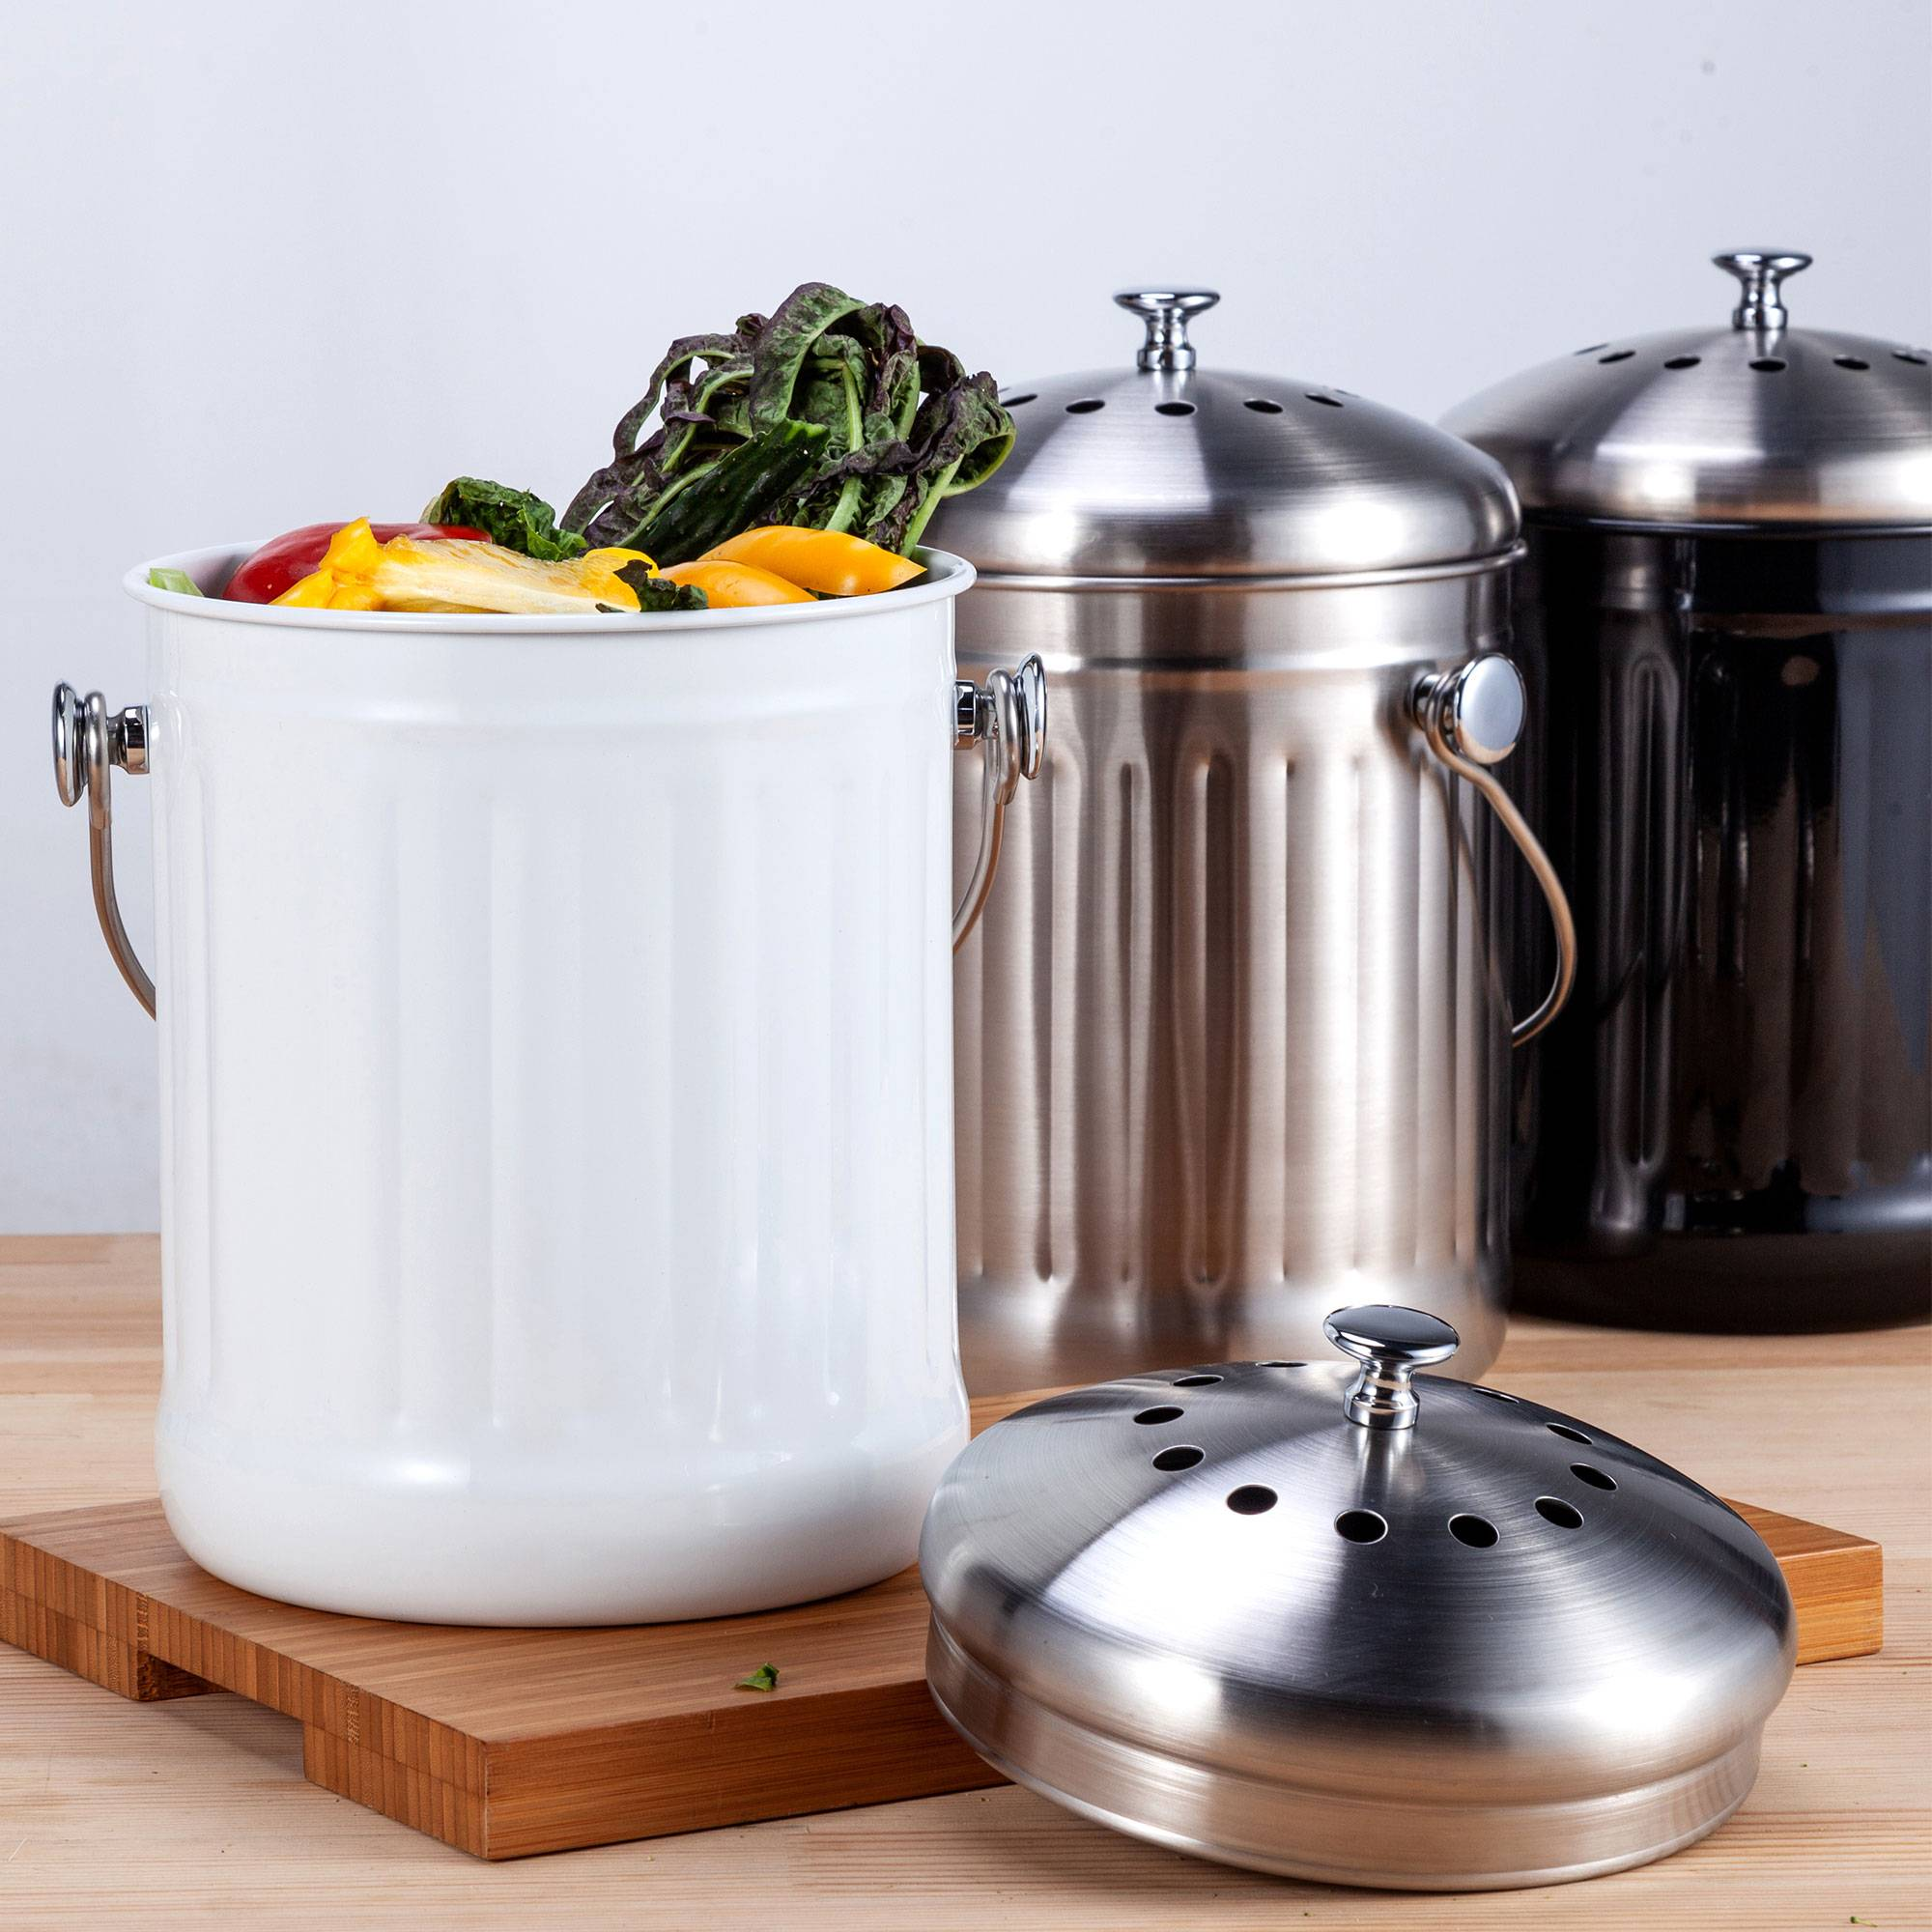 AliExpress Premium Seau Compost Inodore en Acier Inoxydable pour Cuisine - Poubelle Compost Cuisine - Comprend